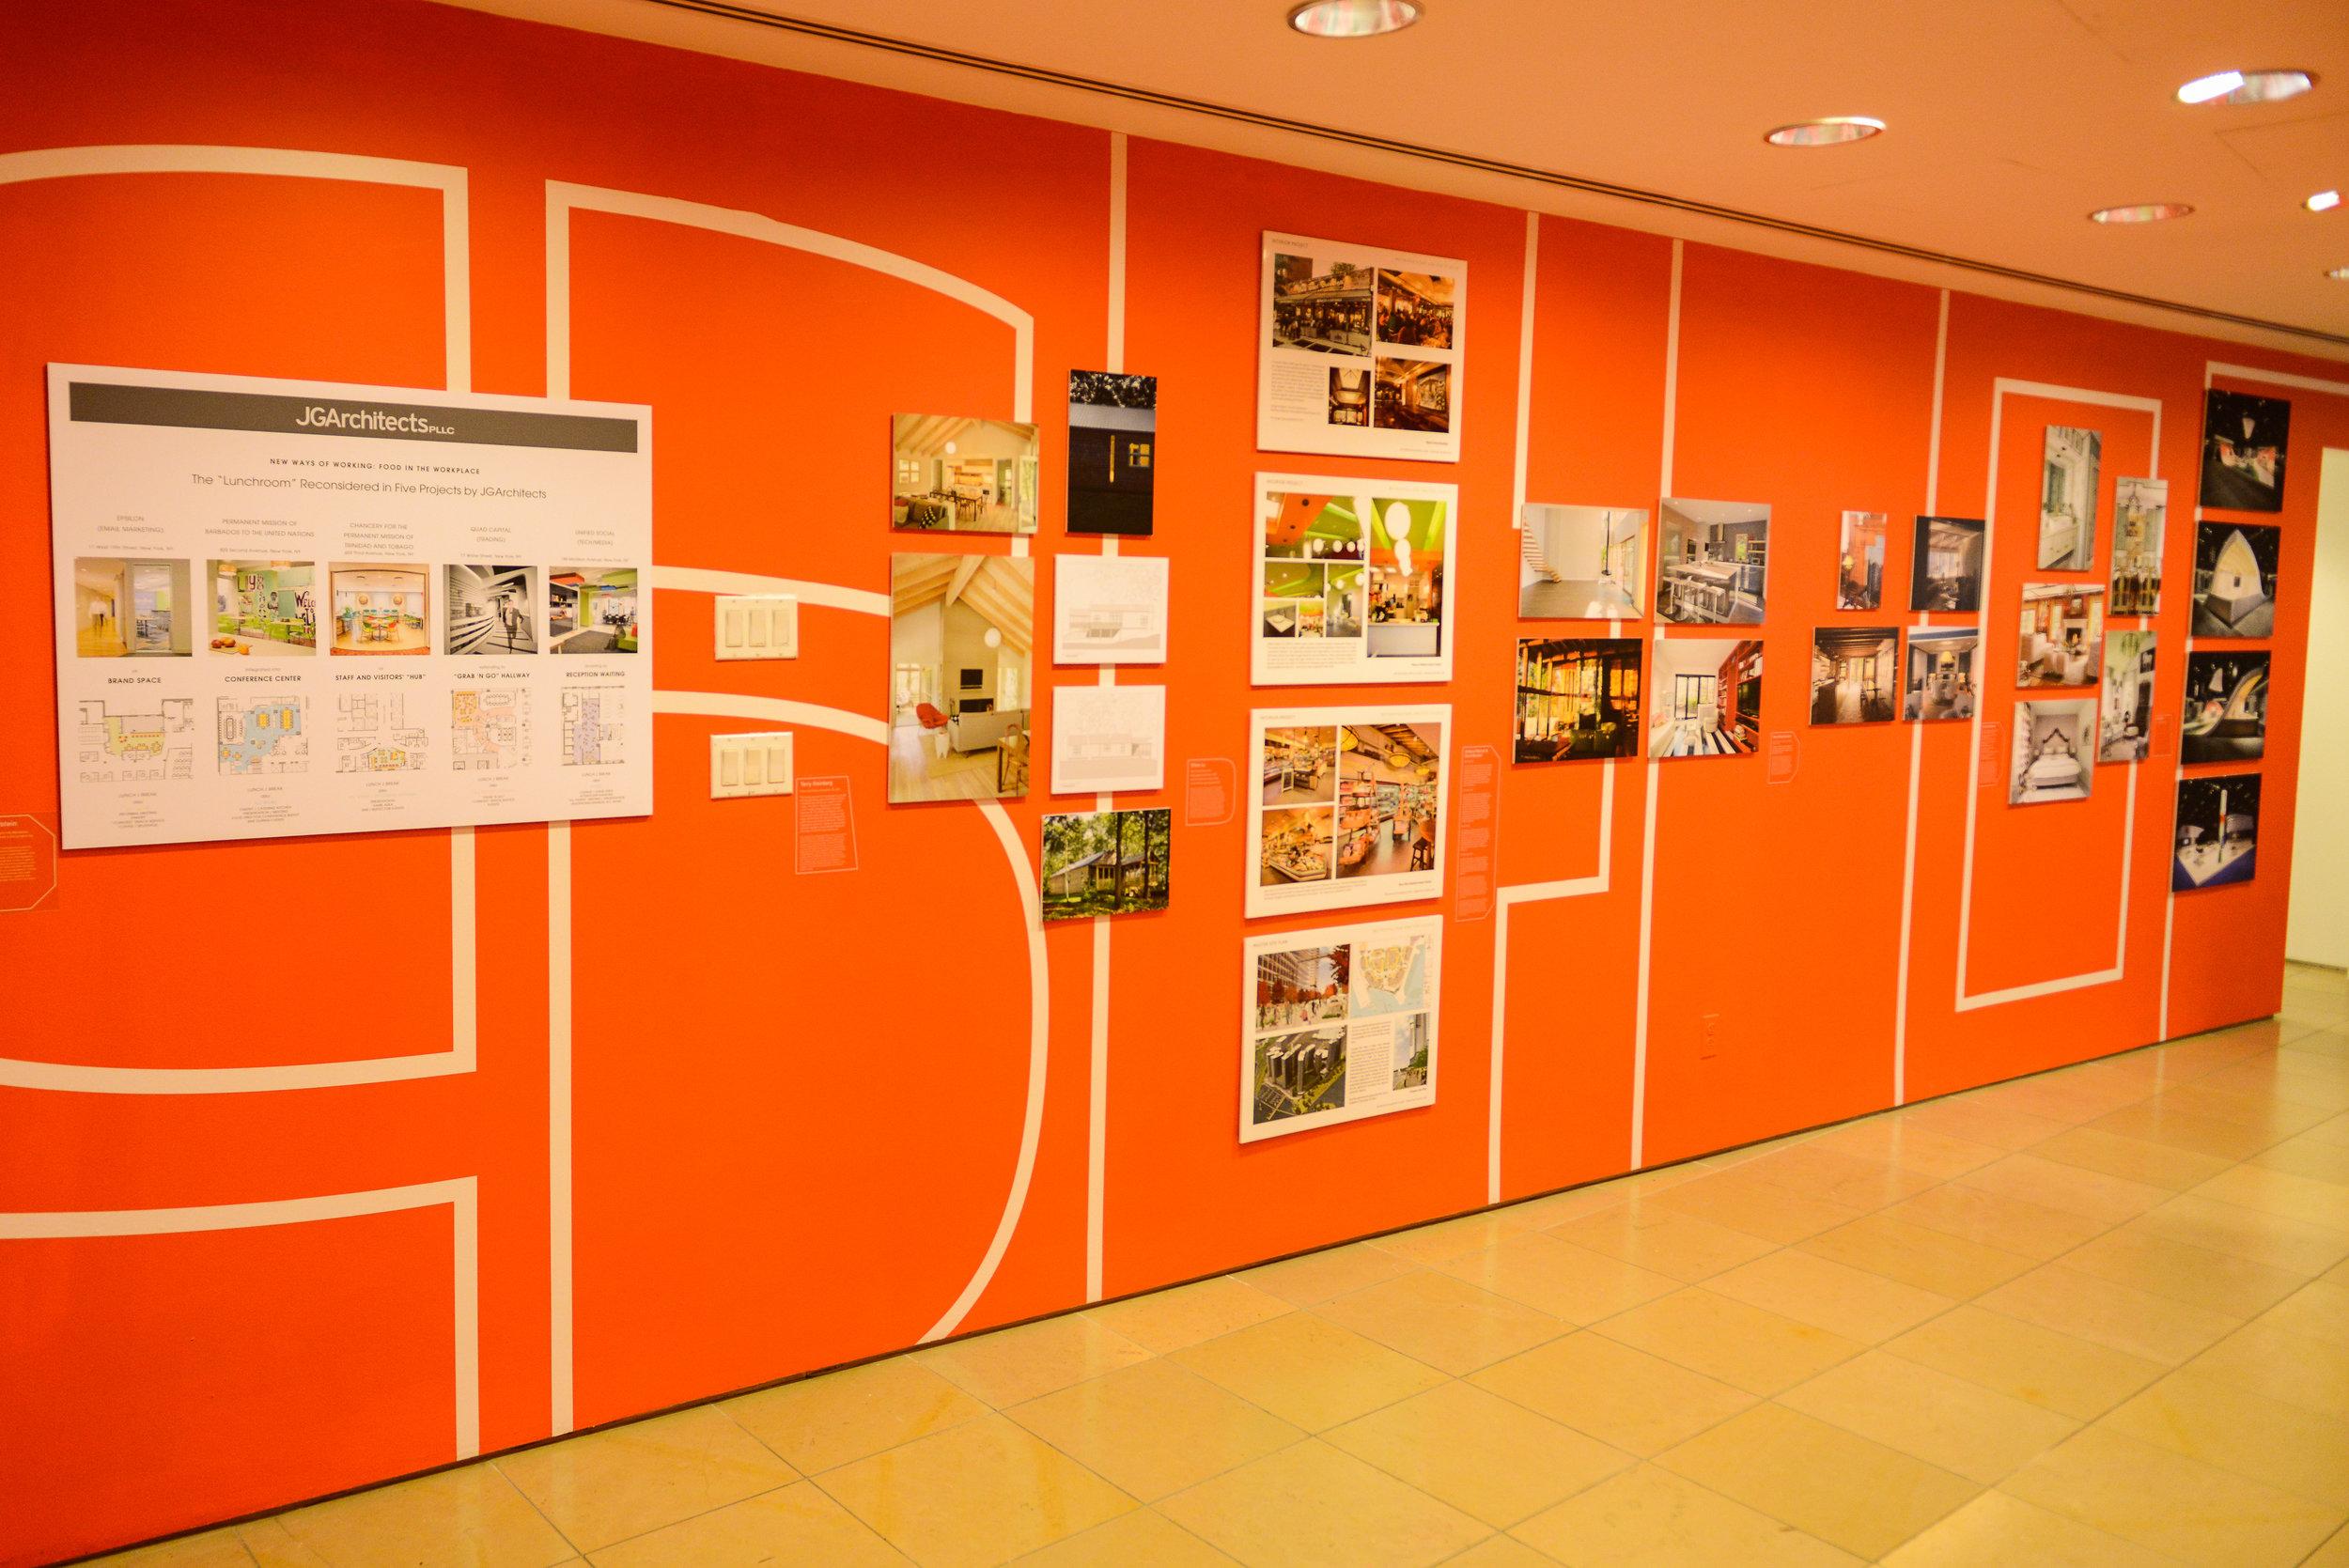 creative-scholarship-a-nysid-faculty-exhibition_23662148728_o[1].jpg